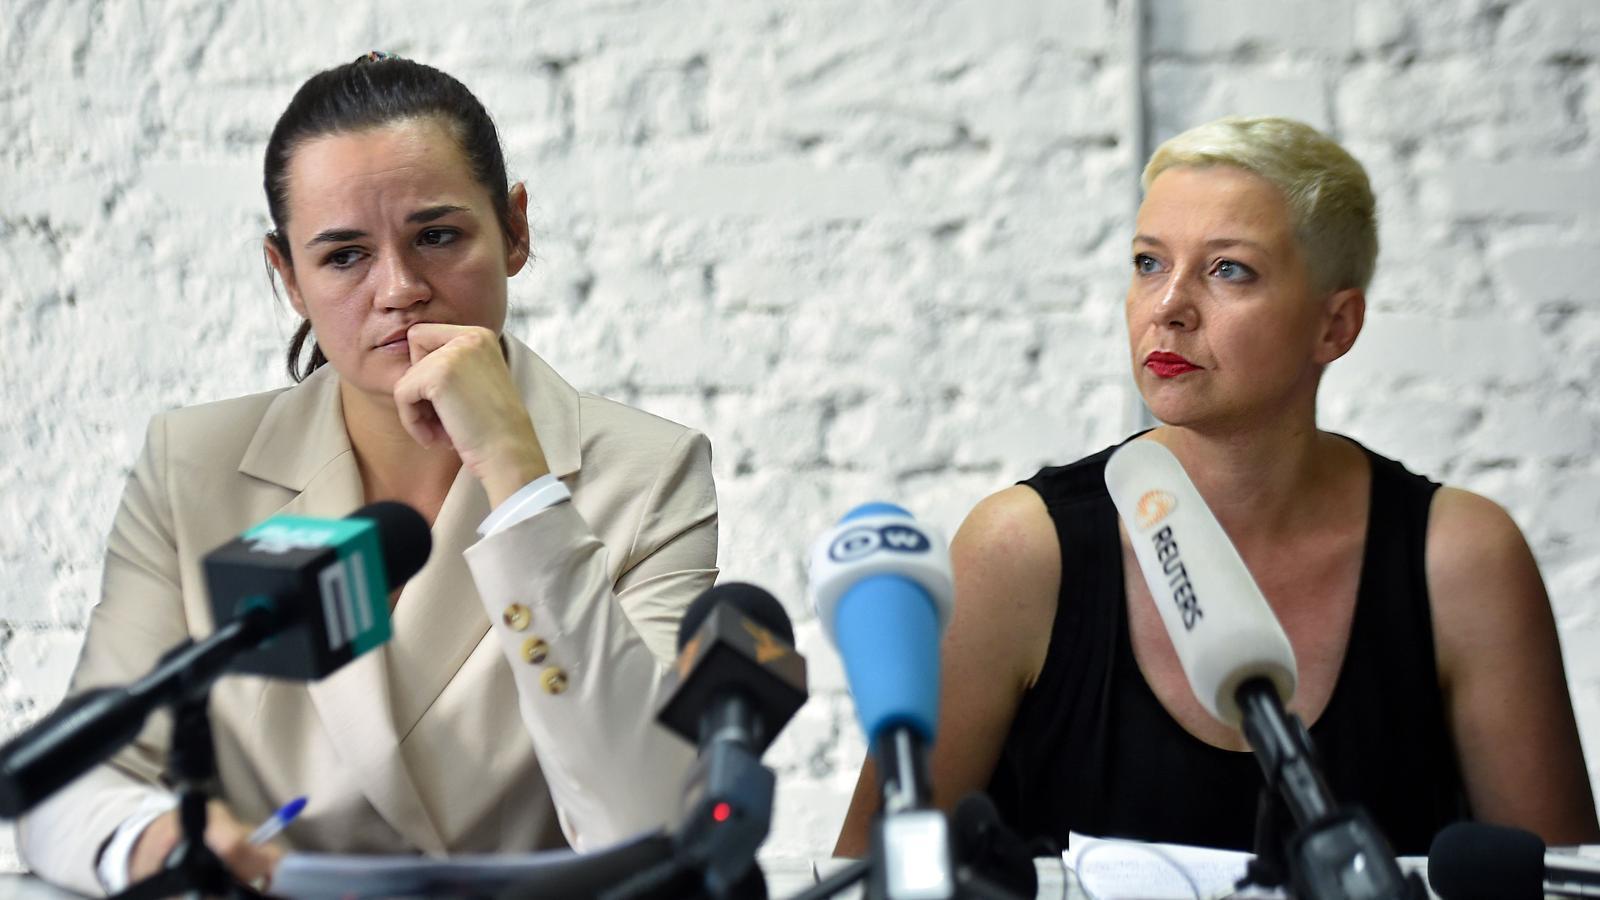 La candidata a la presidència Svetlana Tikhanovskaya i la seva aliada Maria Kolesnikova durant una conferència de premsa l'endemà de les eleccions presidencials de Bielorússia a Minsk